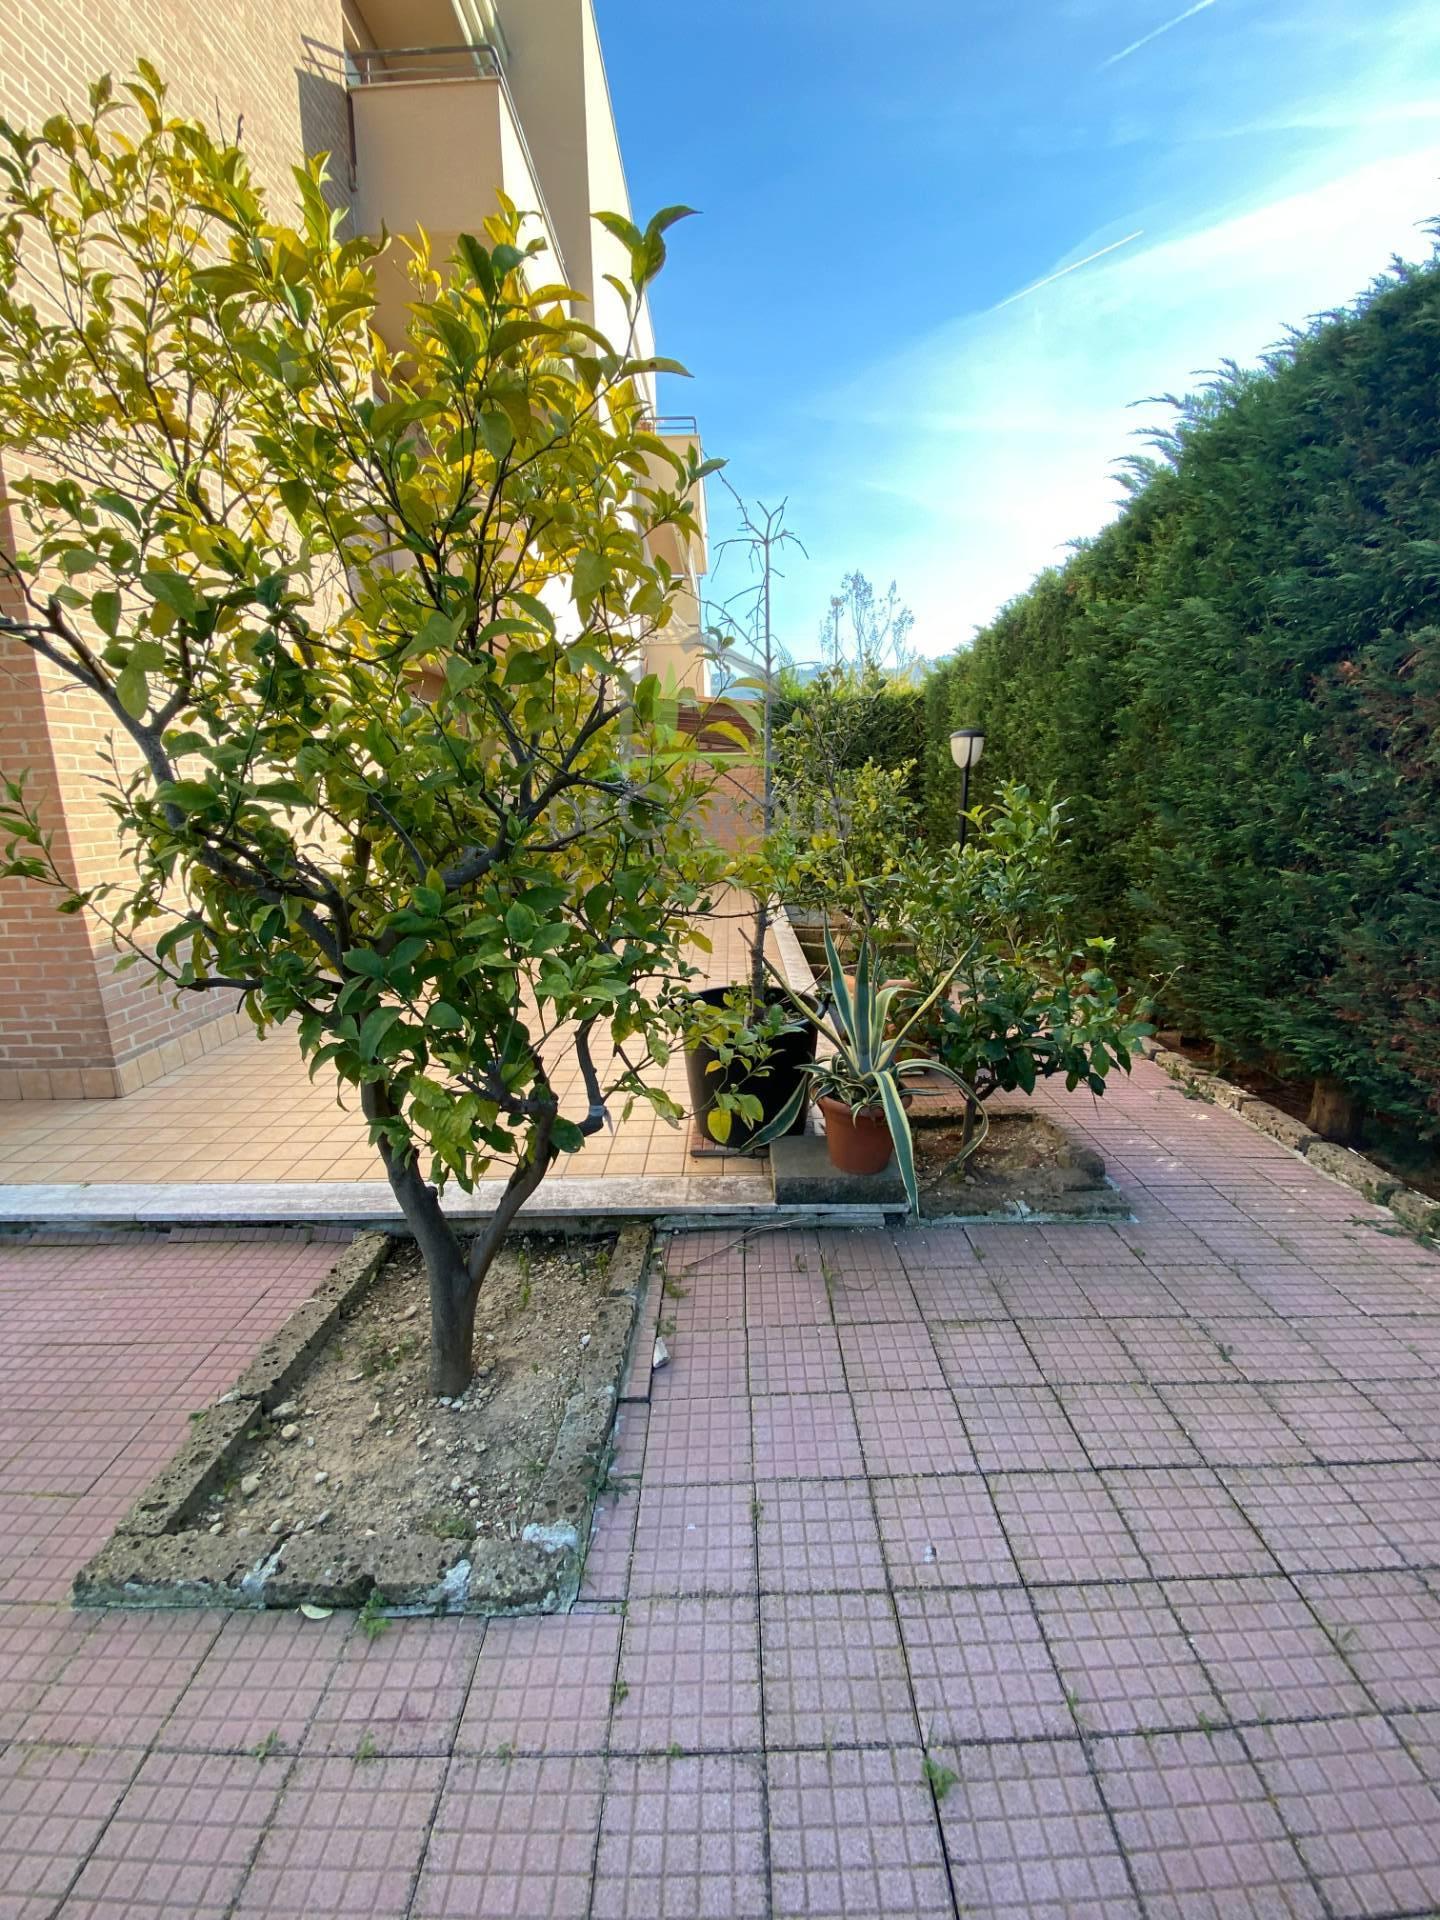 Appartamento in vendita a Grottammare, 5 locali, prezzo € 179.000 | PortaleAgenzieImmobiliari.it